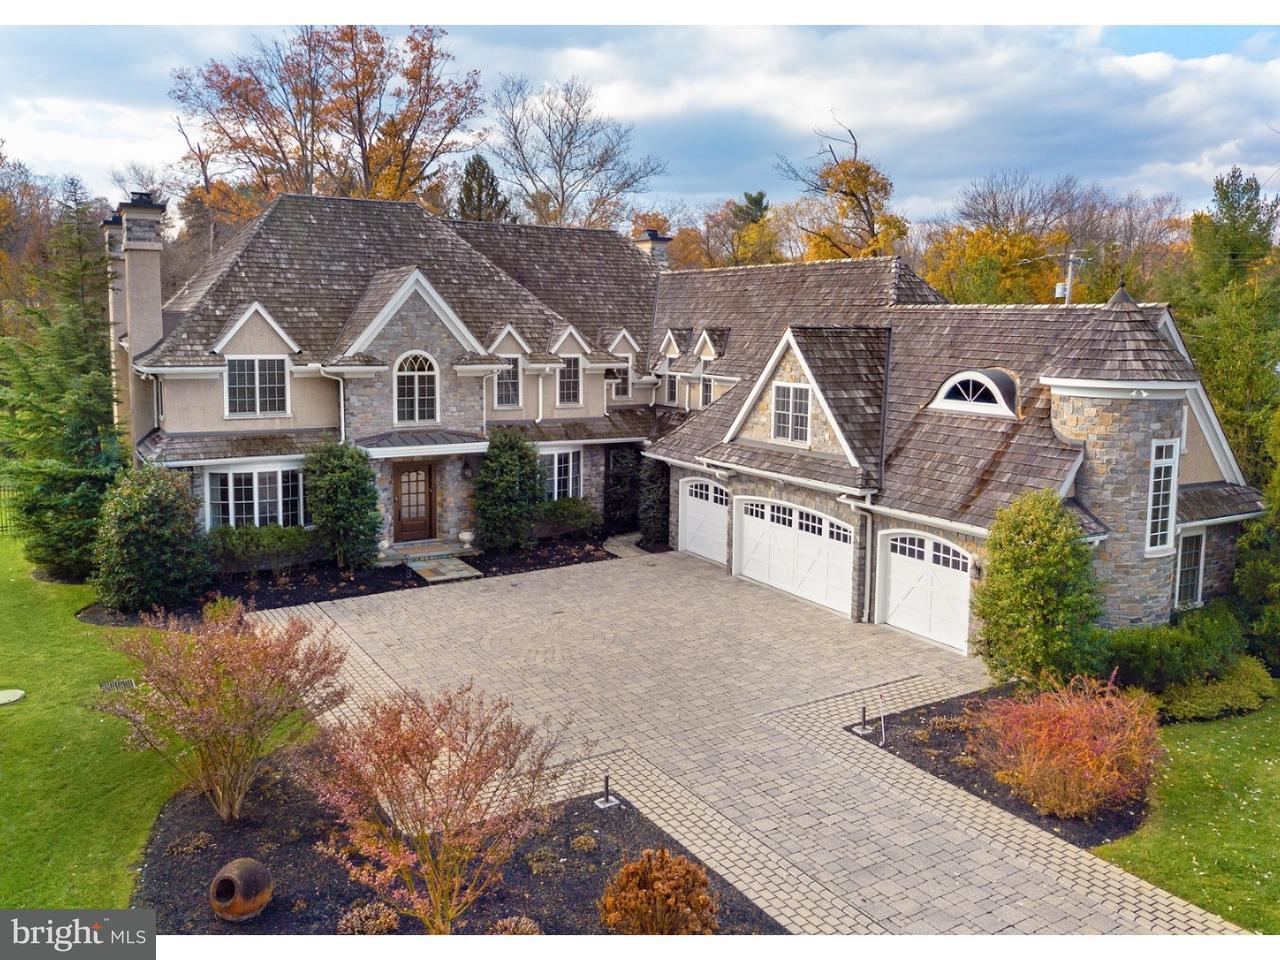 独户住宅 为 销售 在 1440 KYNETON Road 维拉诺瓦, 宾夕法尼亚州 19085 美国